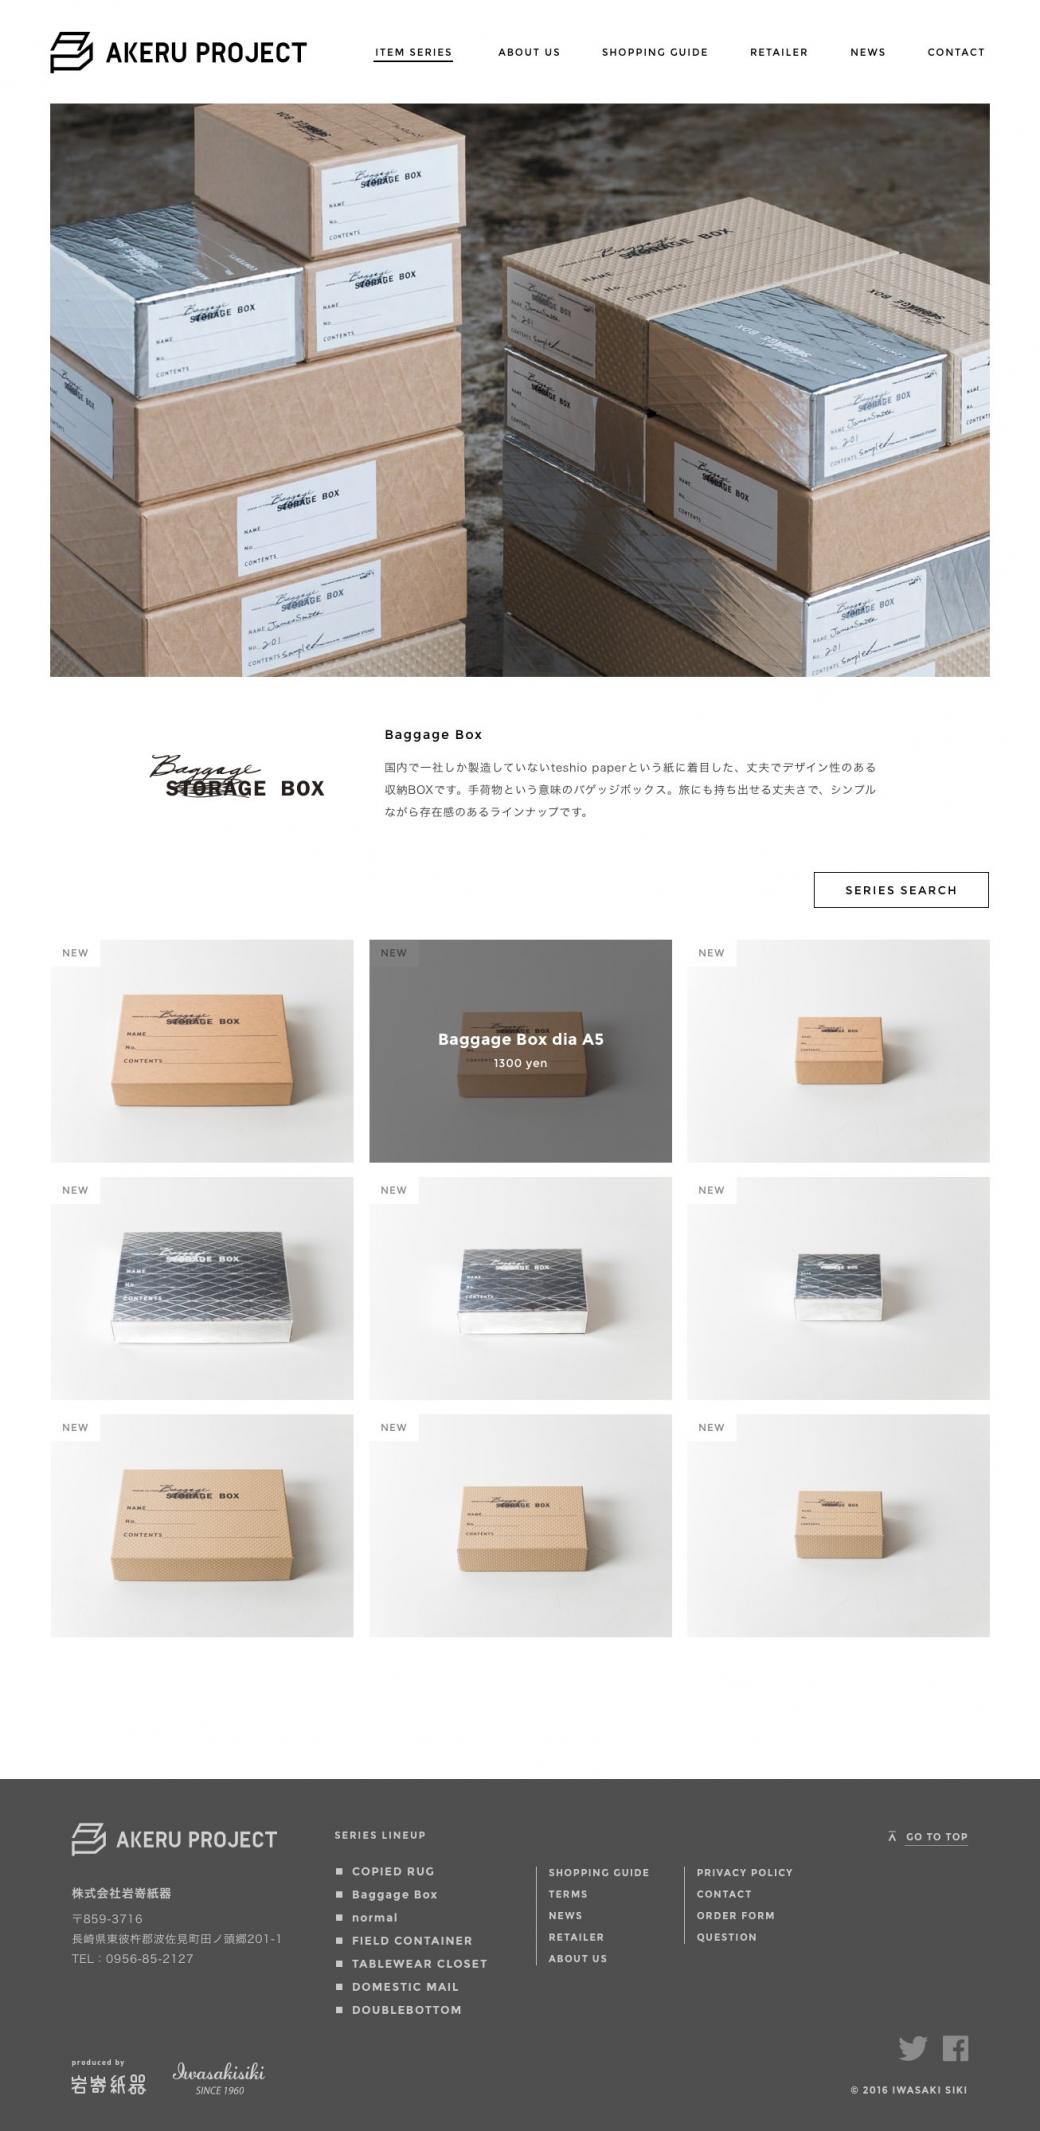 baggage-box-%e5%b2%a9%e5%b5%9c%e7%b4%99%e5%99%a8